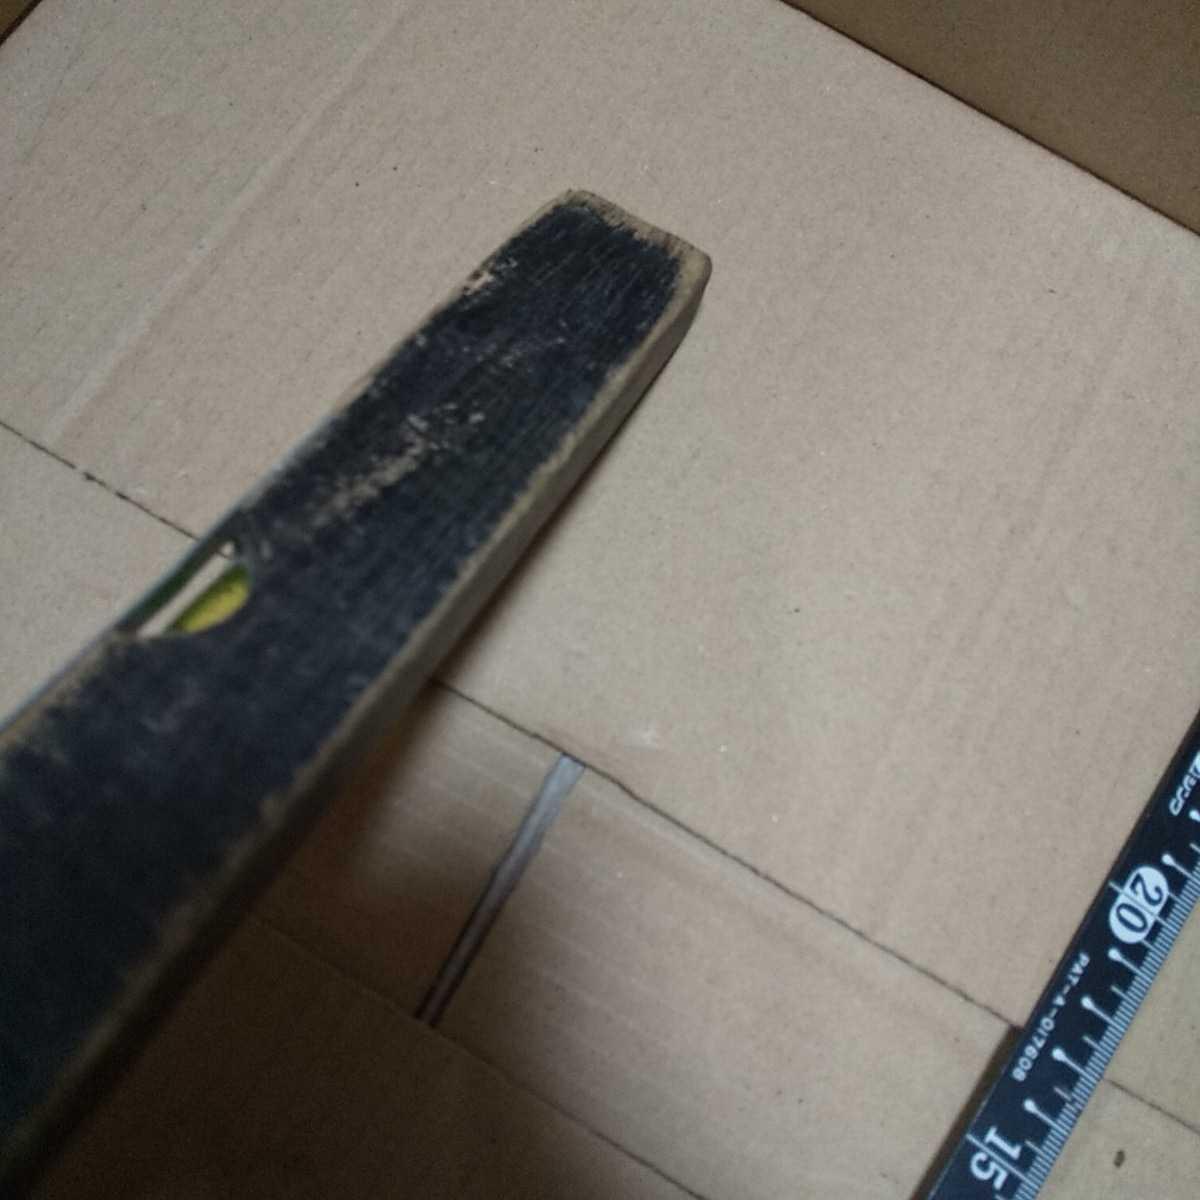 大工道具 アンティーク 水平器 ジャンク 昭和 レトロ 古い コレクション 古道具 送料無料_画像4